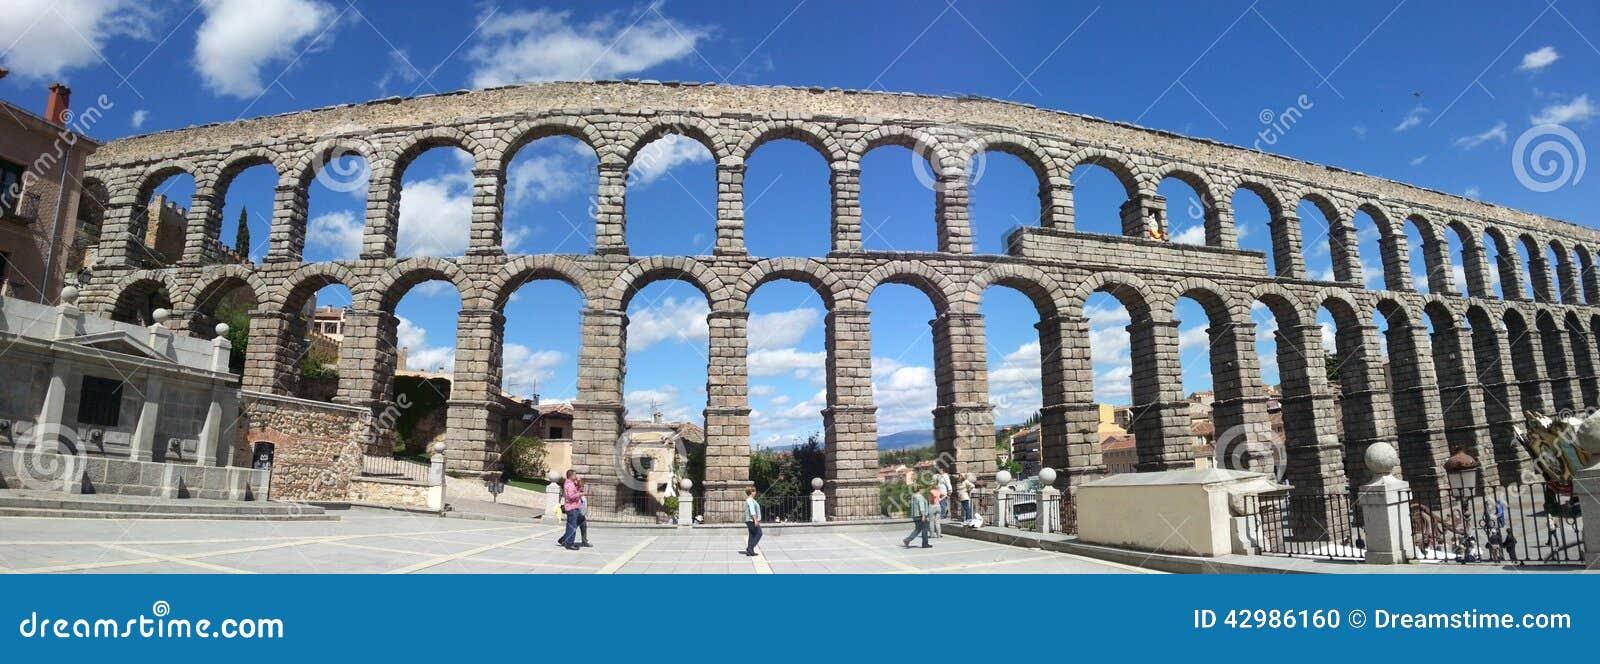 Aqueduto na Espanha de Segovia